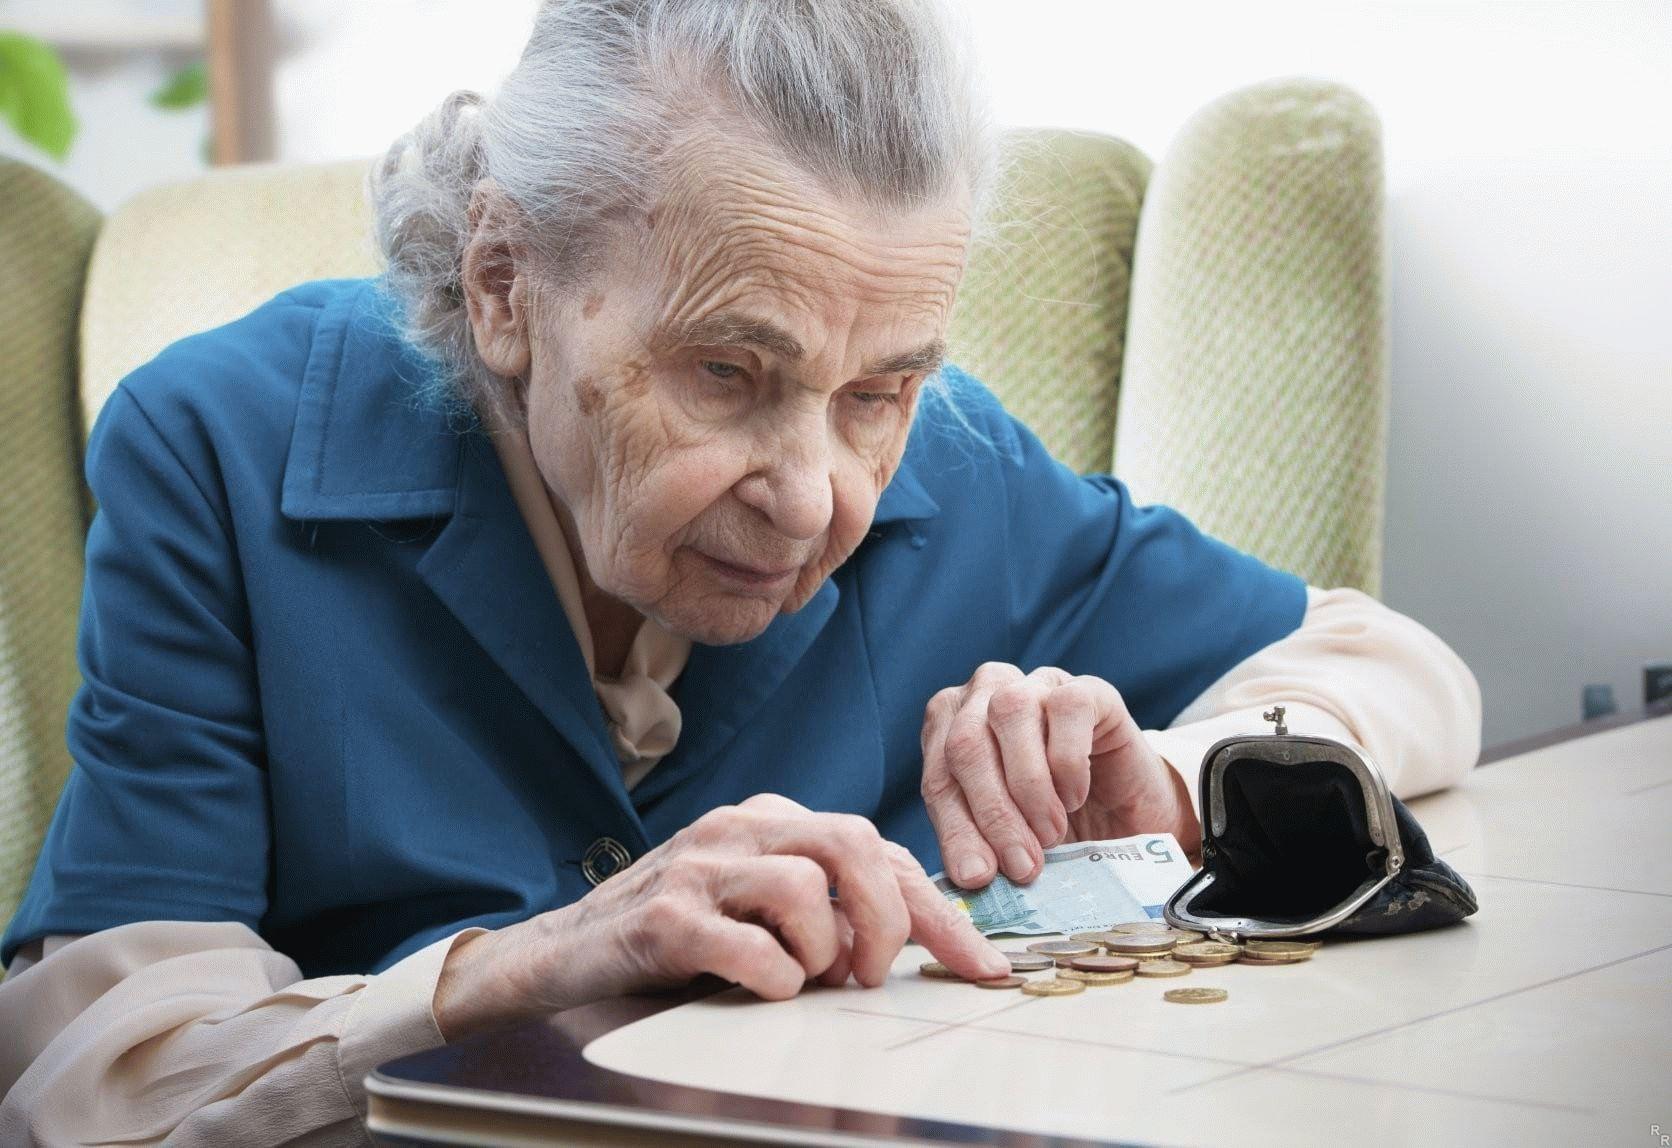 При увольнении сейчас за сколько лет должен быть перерасчет пенсии